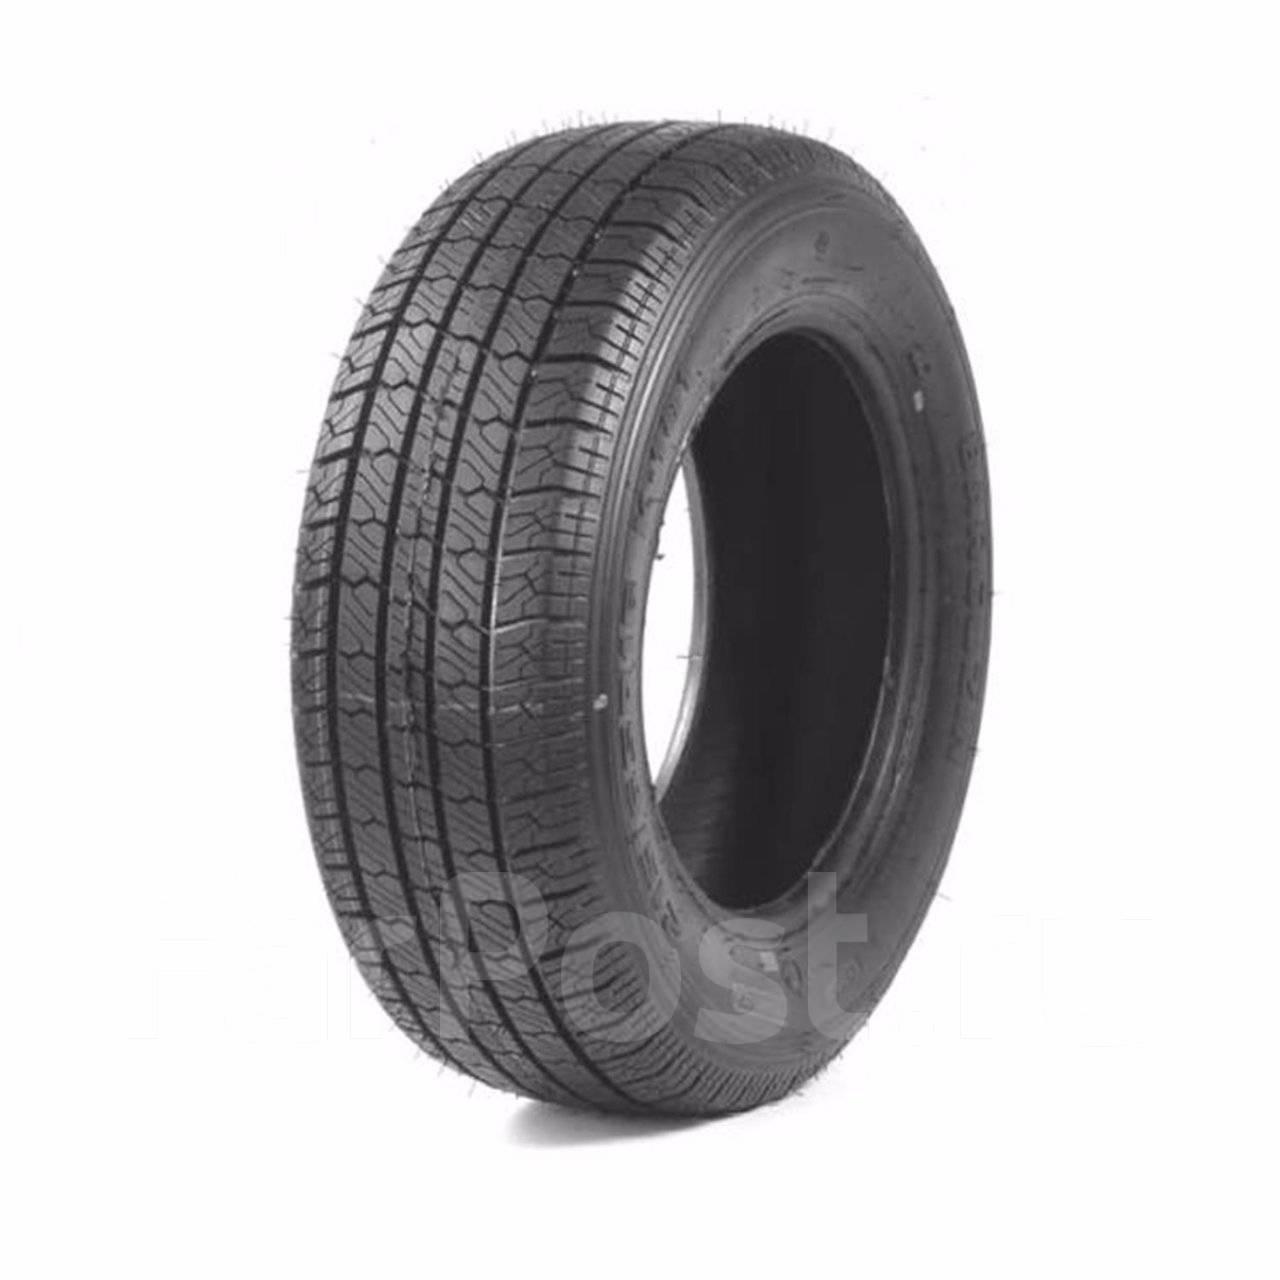 Купить шины к181 кшз в спб купить шины вспб и области московской области